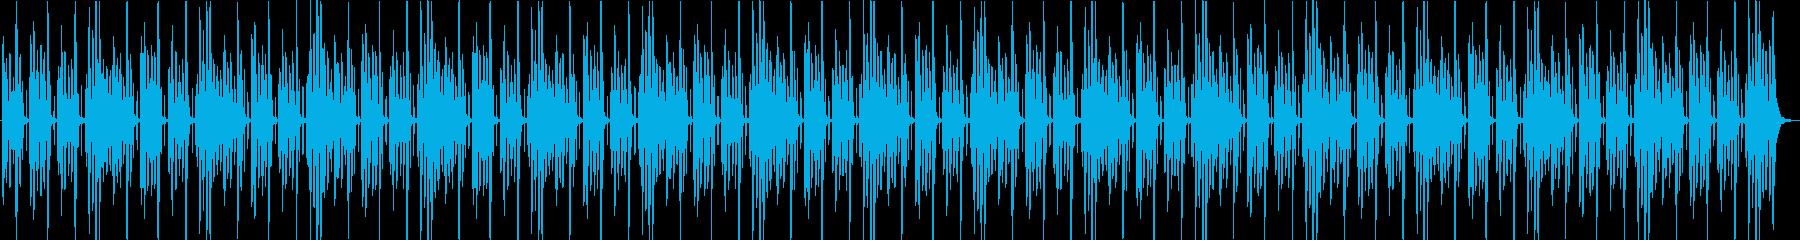 キッズシンキングタイムや実験のBGMの再生済みの波形